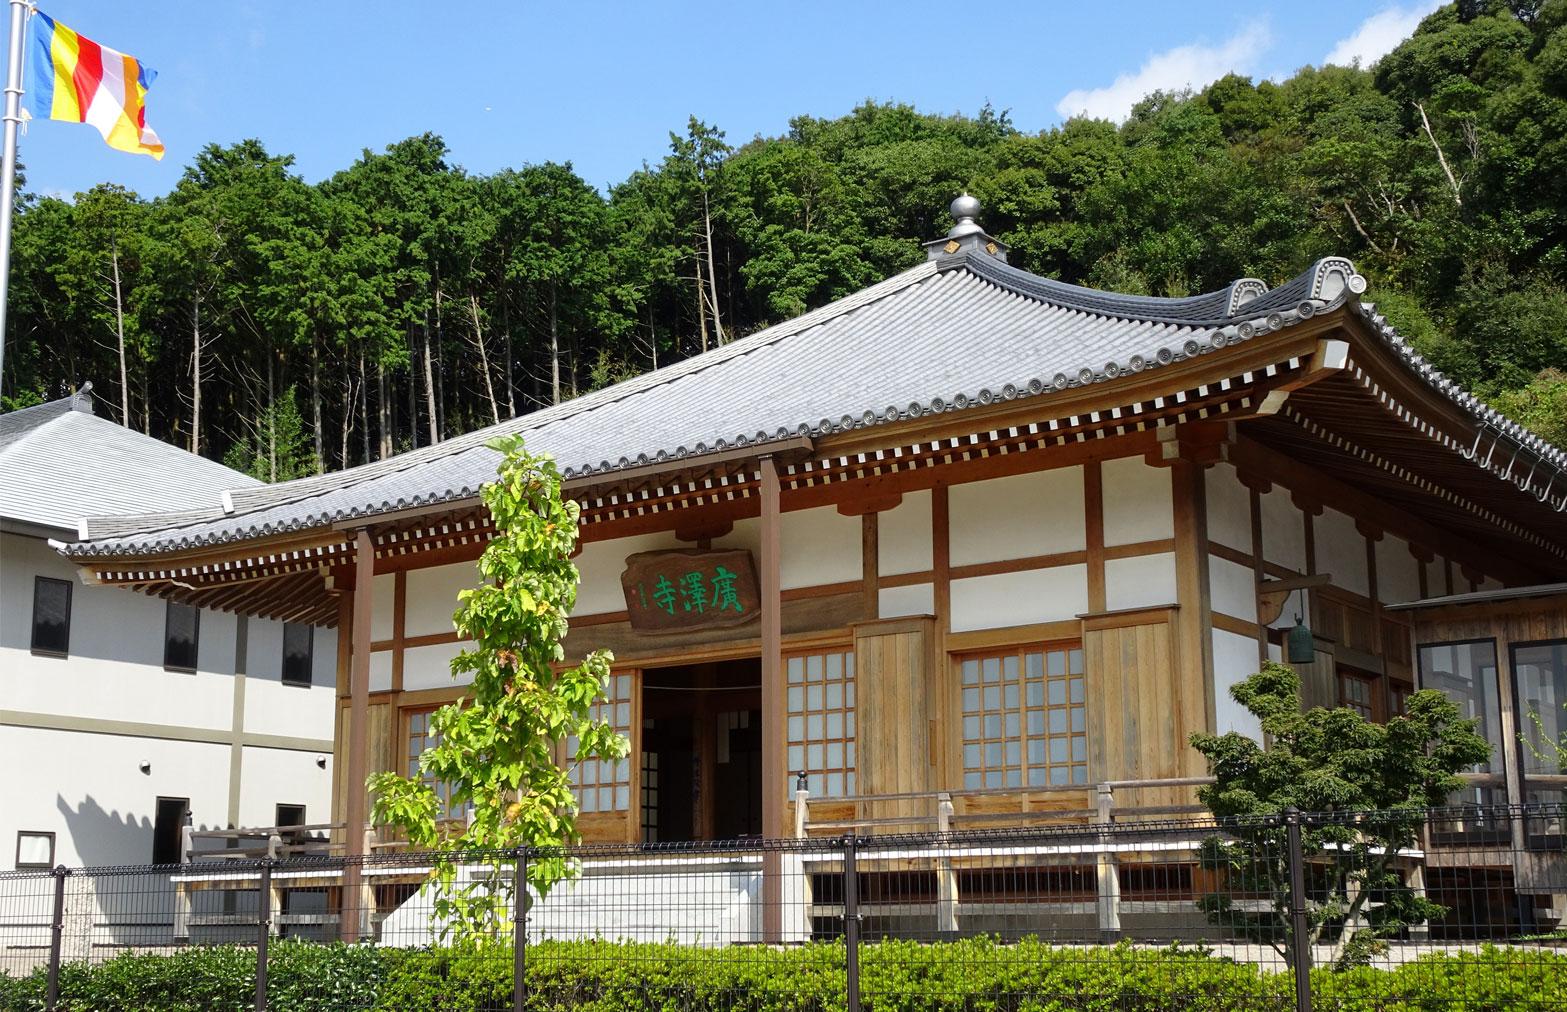 第27番霊場(広沢寺)